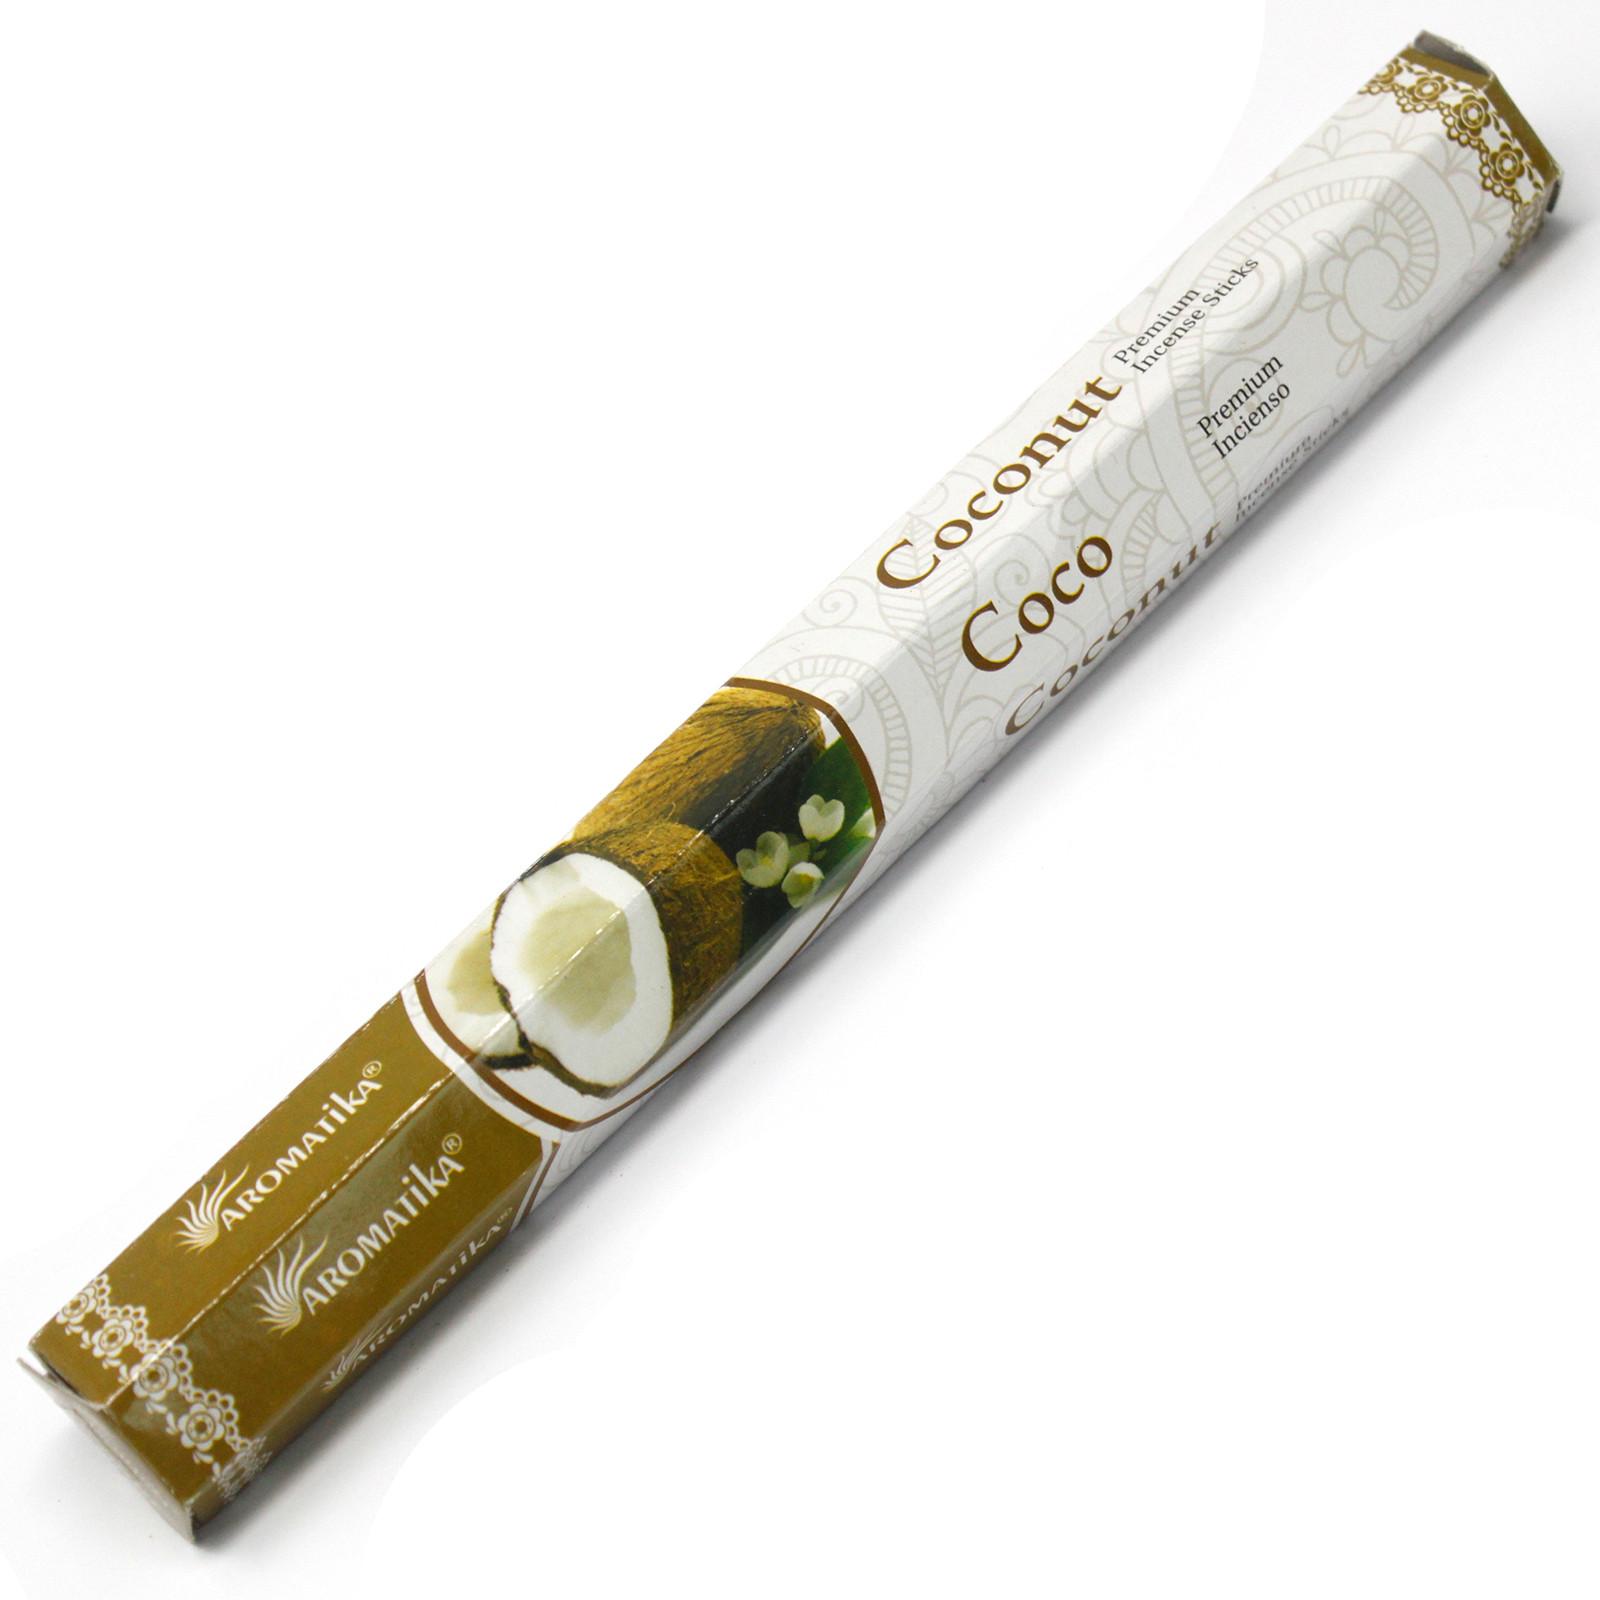 Aromatica Premium Incense Coconut